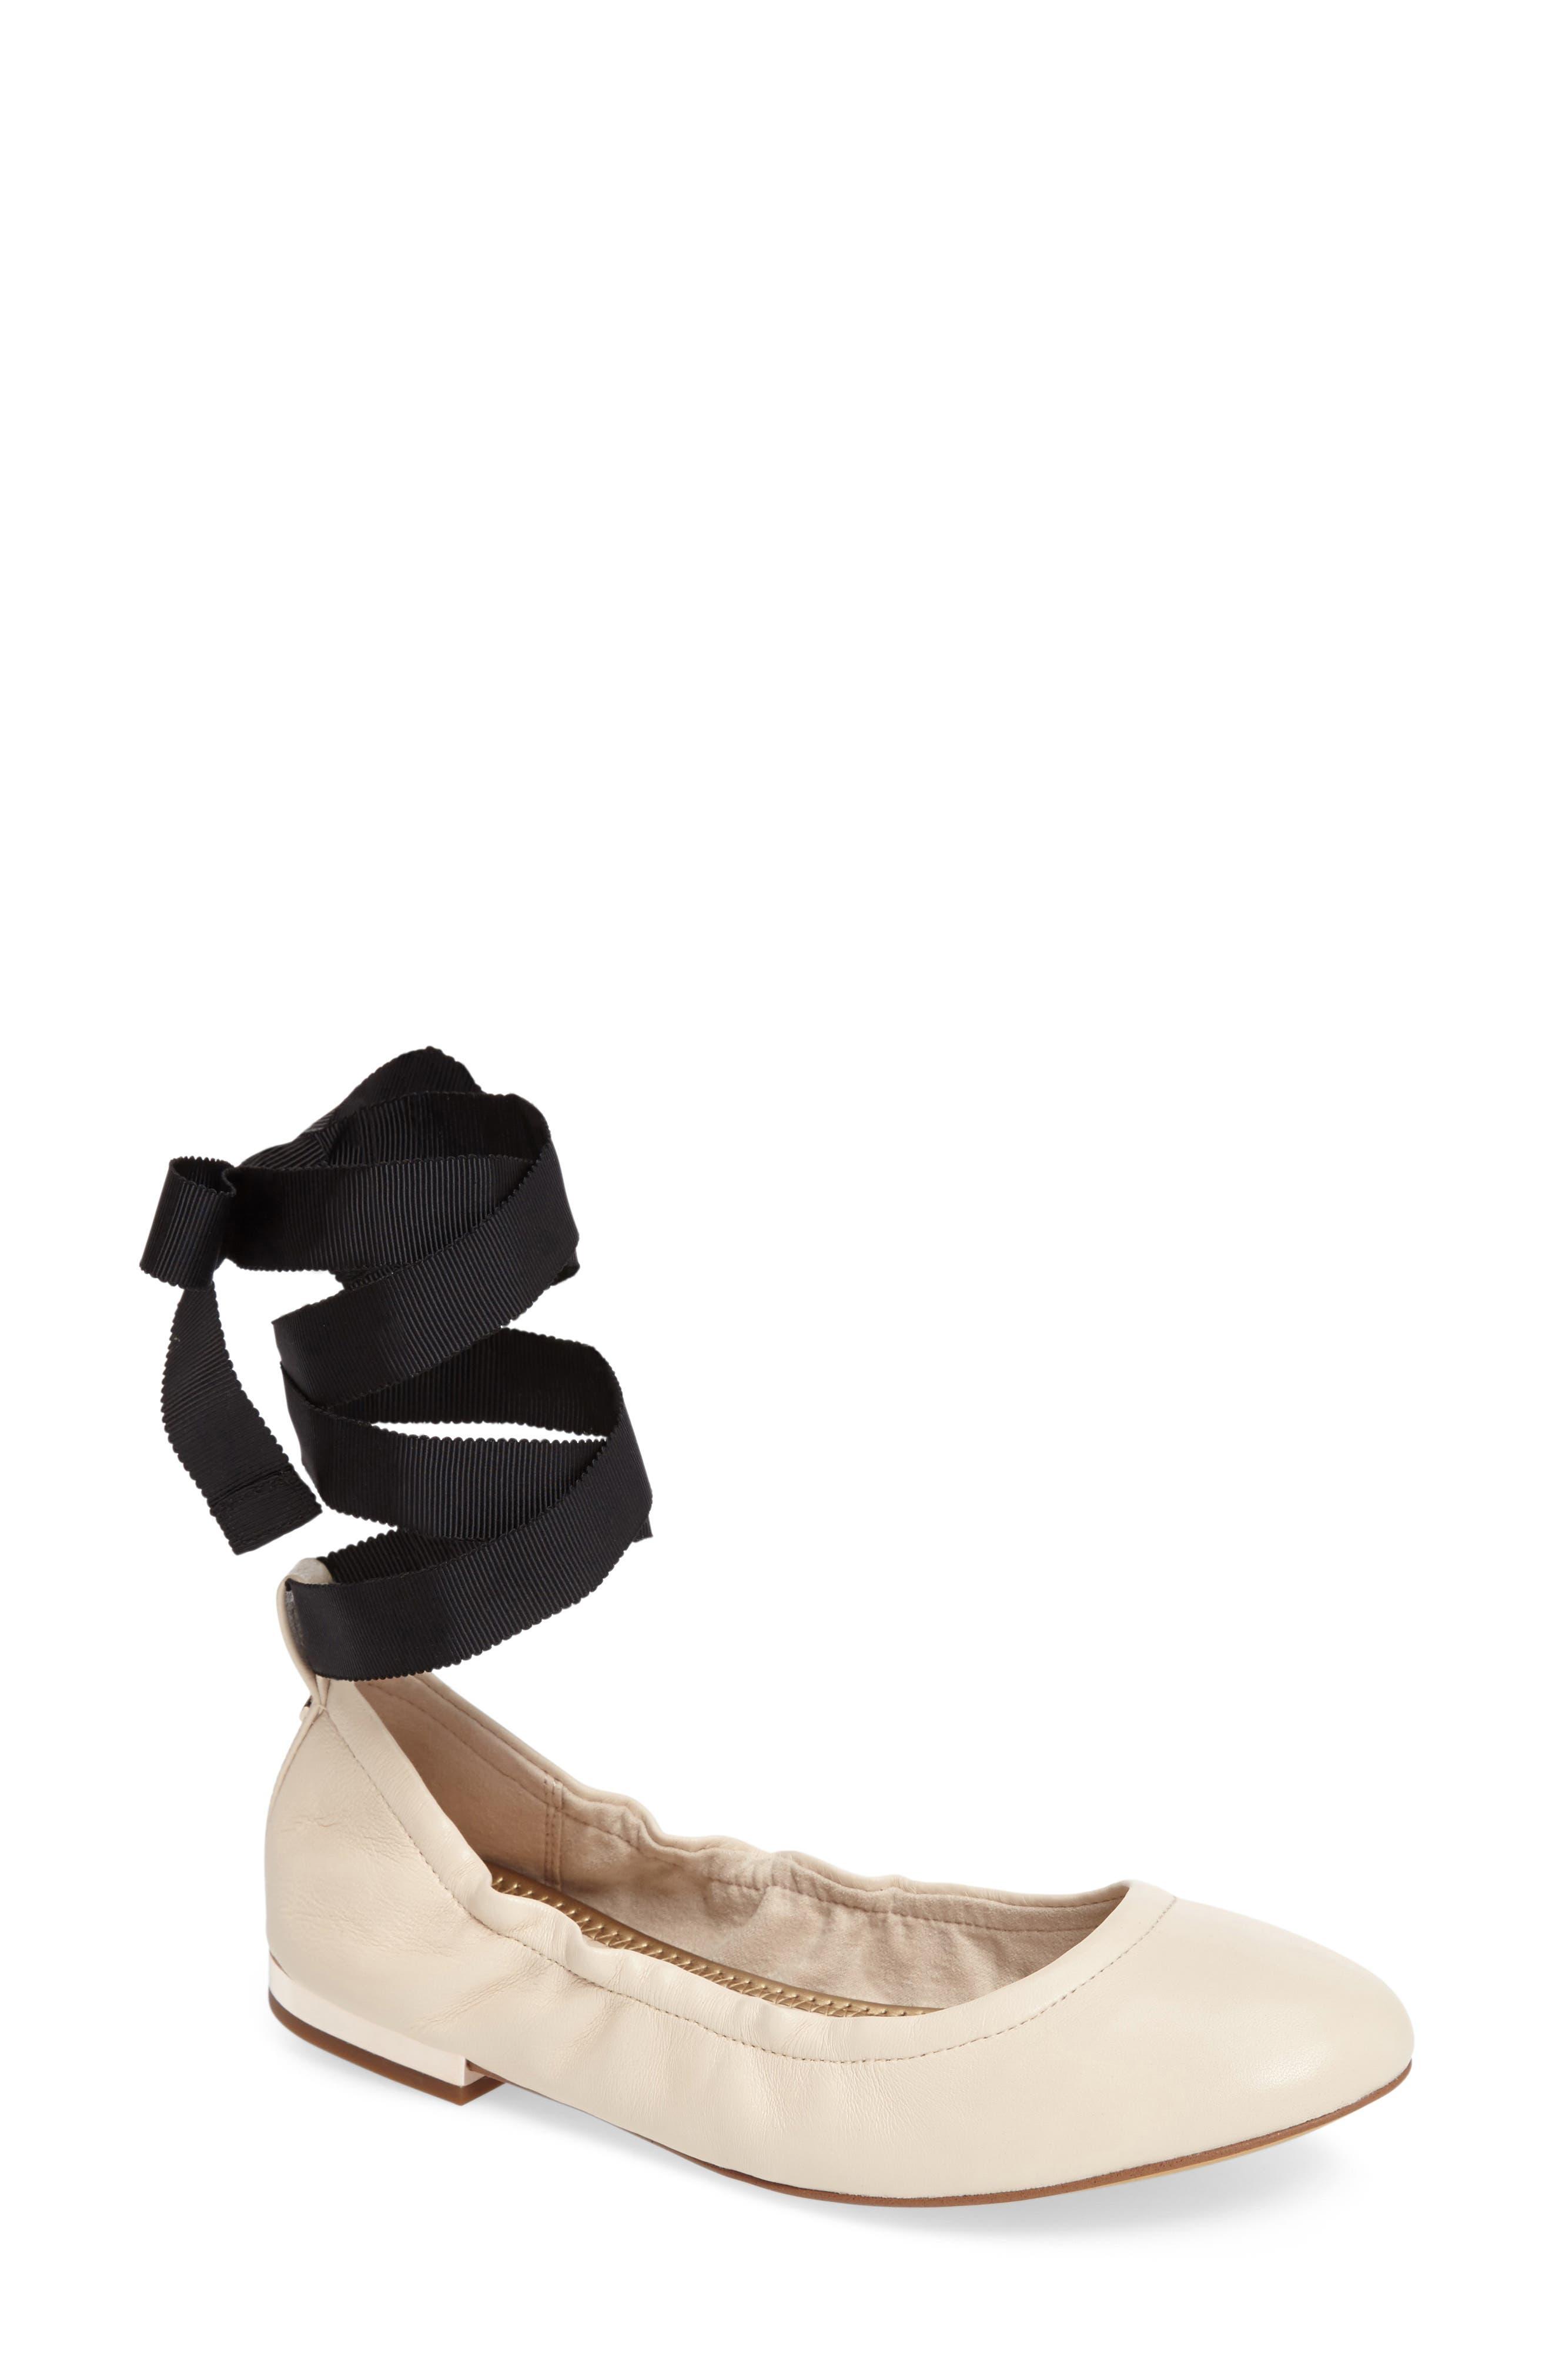 Alternate Image 1 Selected - Sam Edelman Fallon Wraparound Tie Flat (Women)